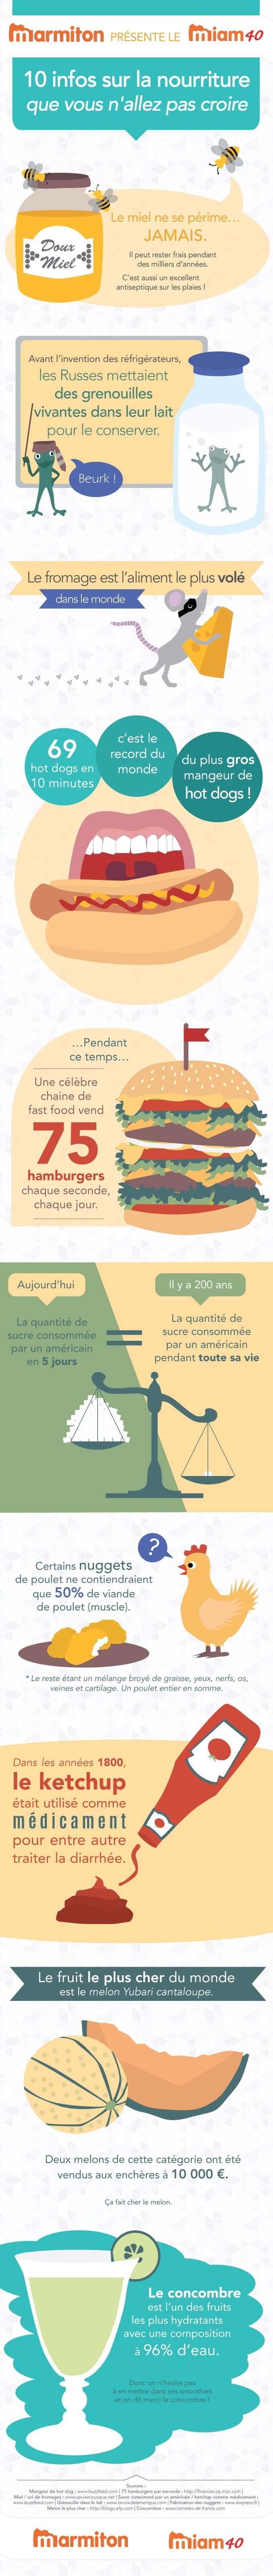 [infographie] 10 info sur la nourriture 01